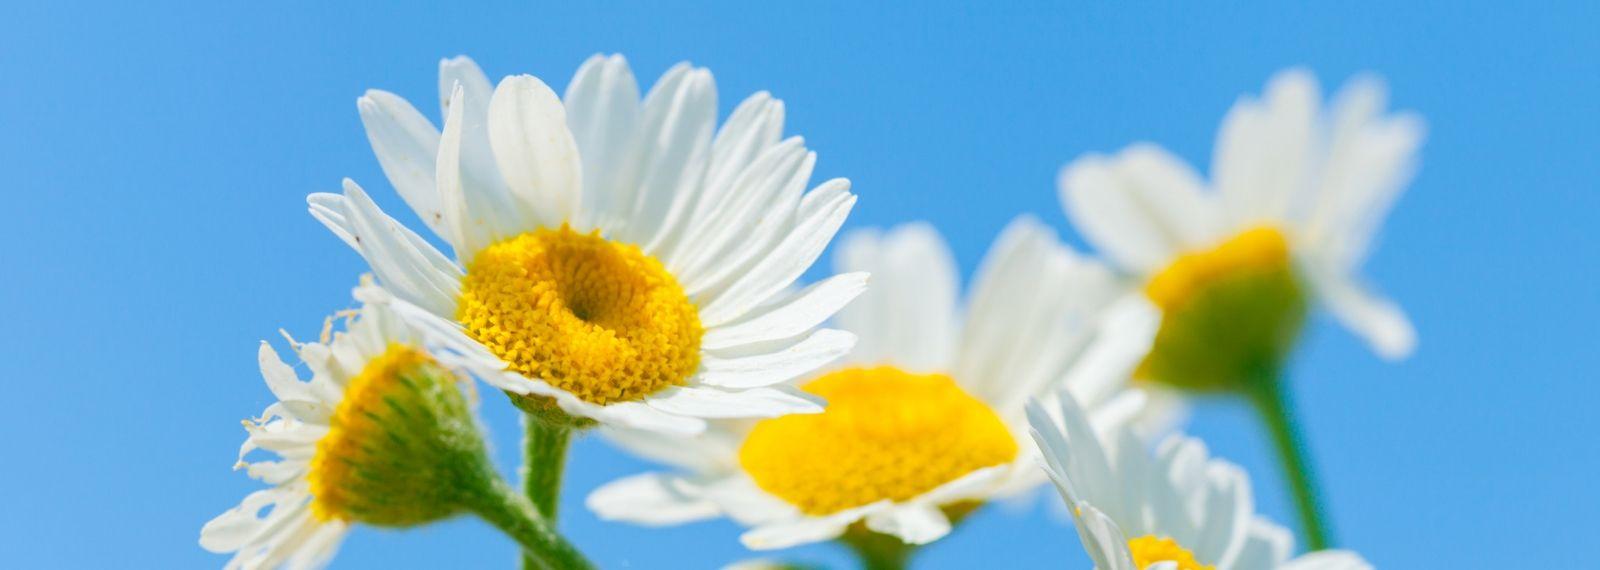 Blumen mit Himmel als Hintergrund